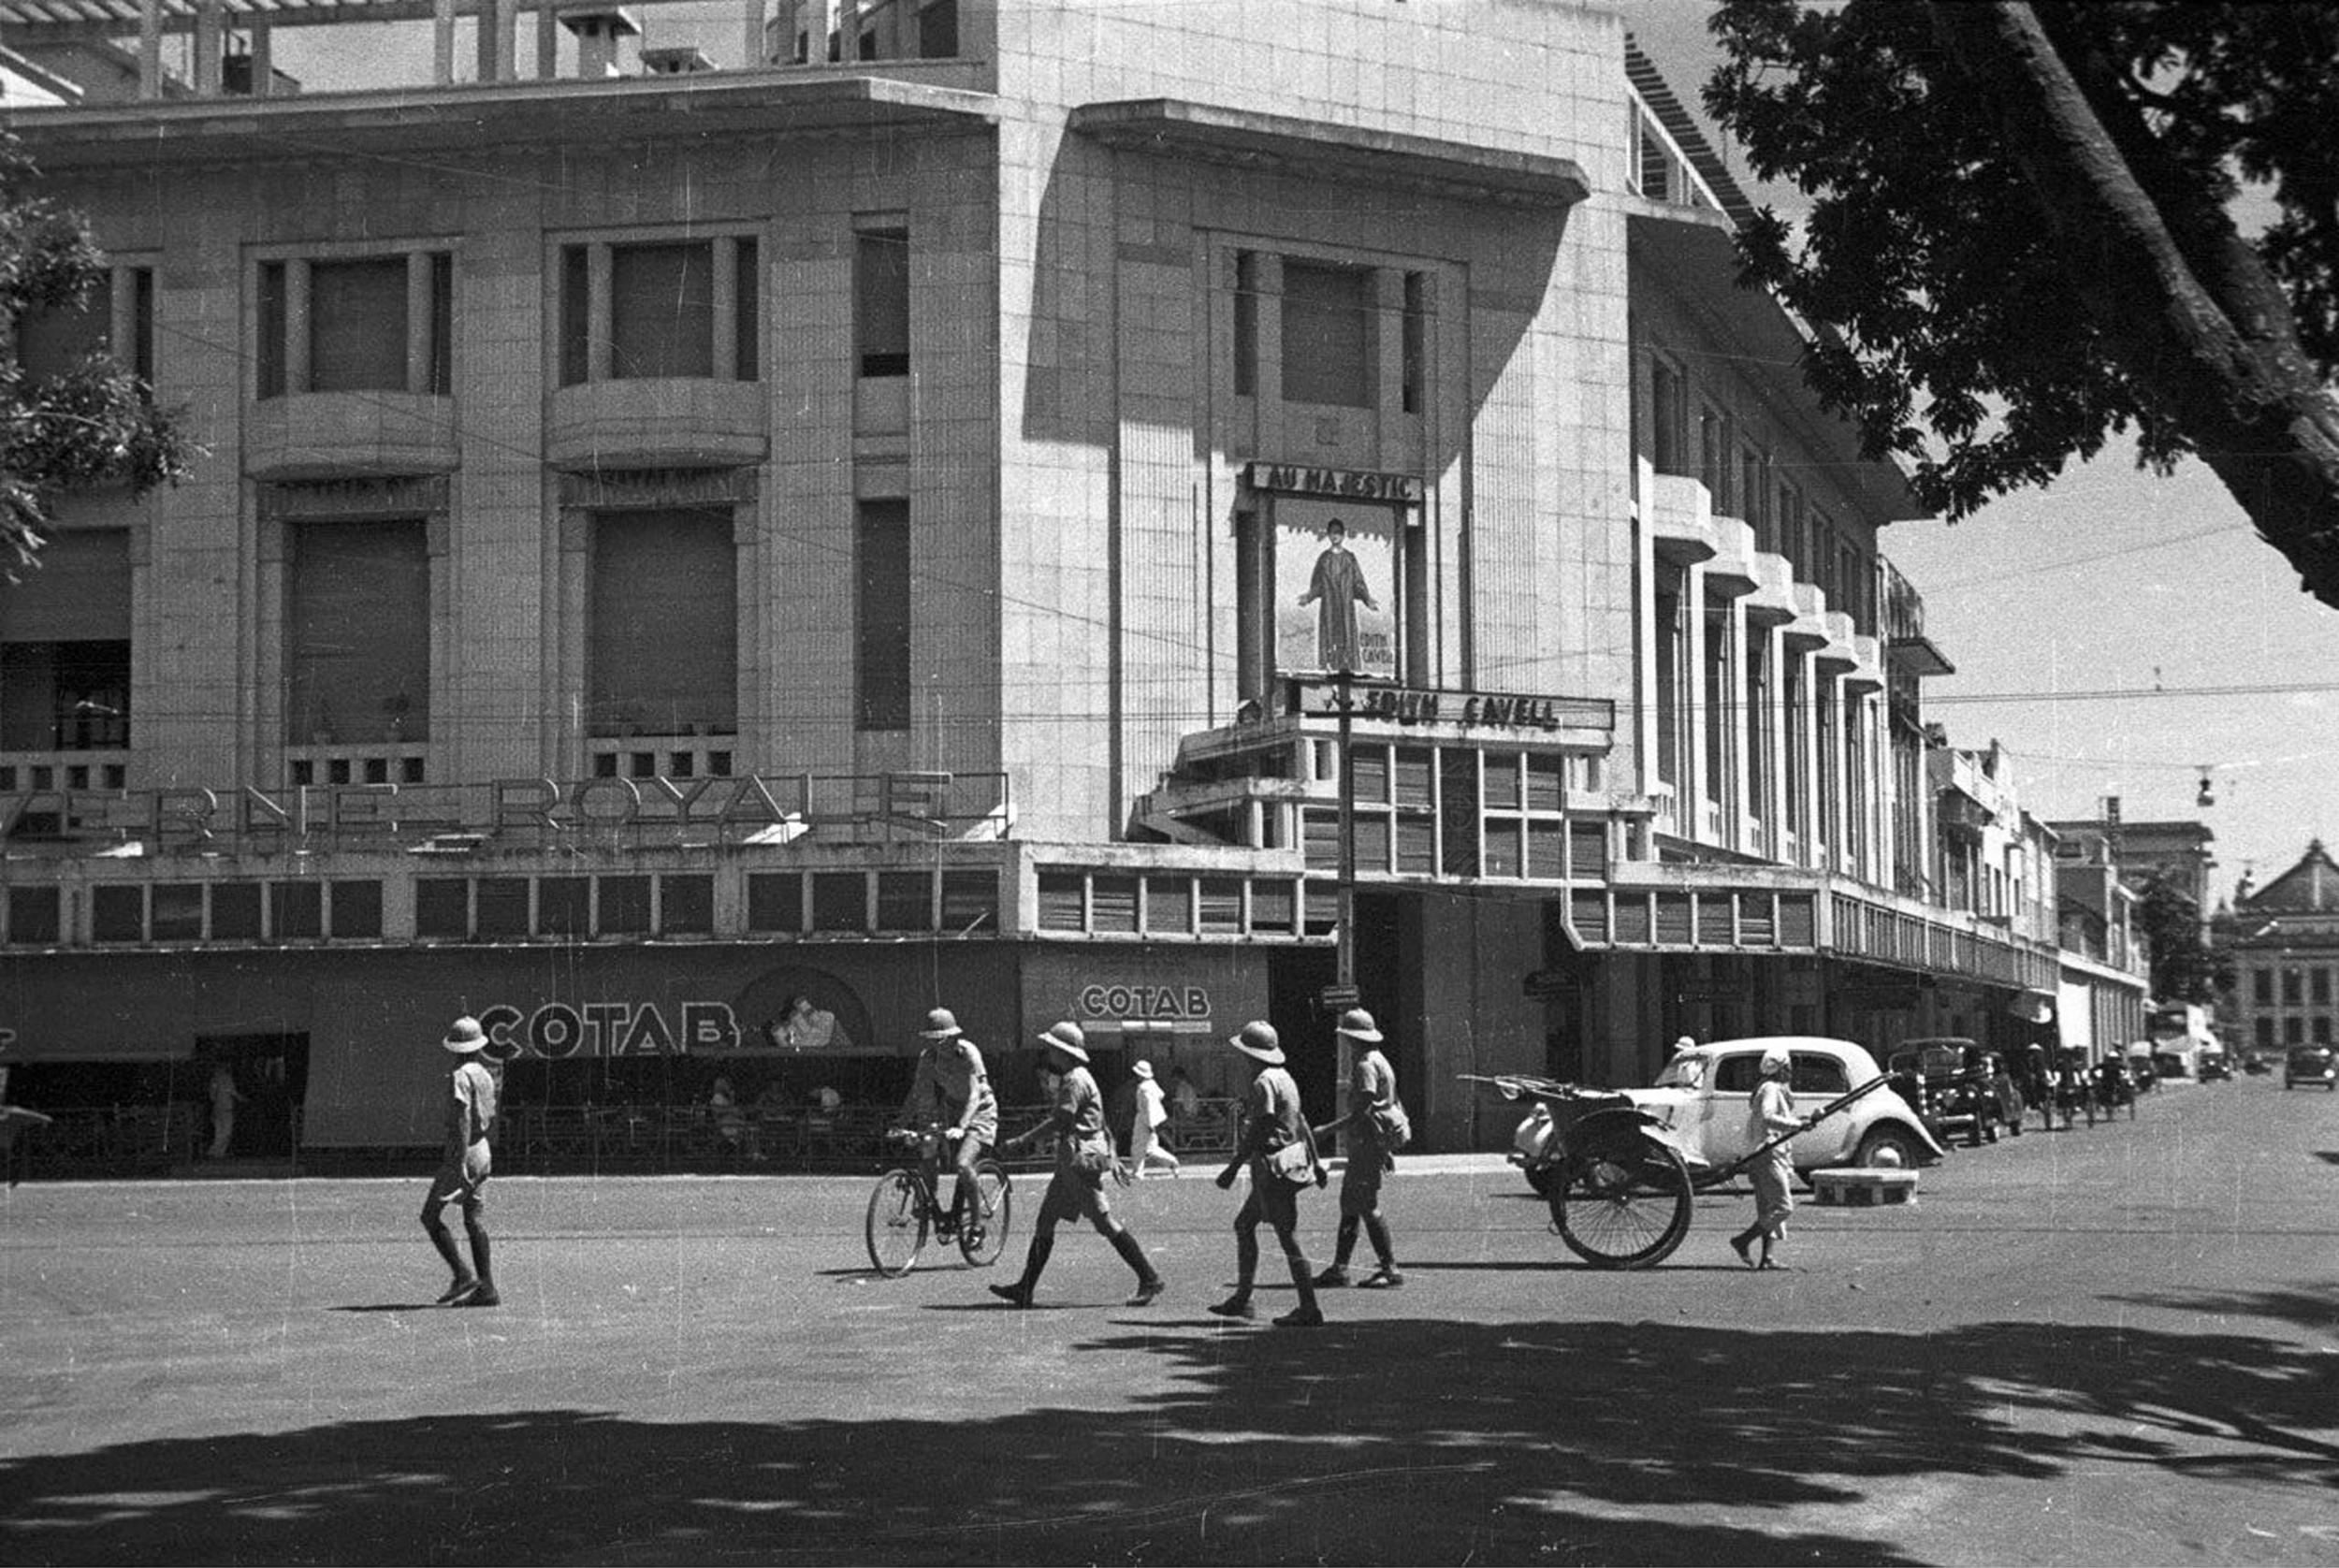 Trào lưu văn học hiện thực phê phán ở Việt Nam giai đoạn 1930-1945